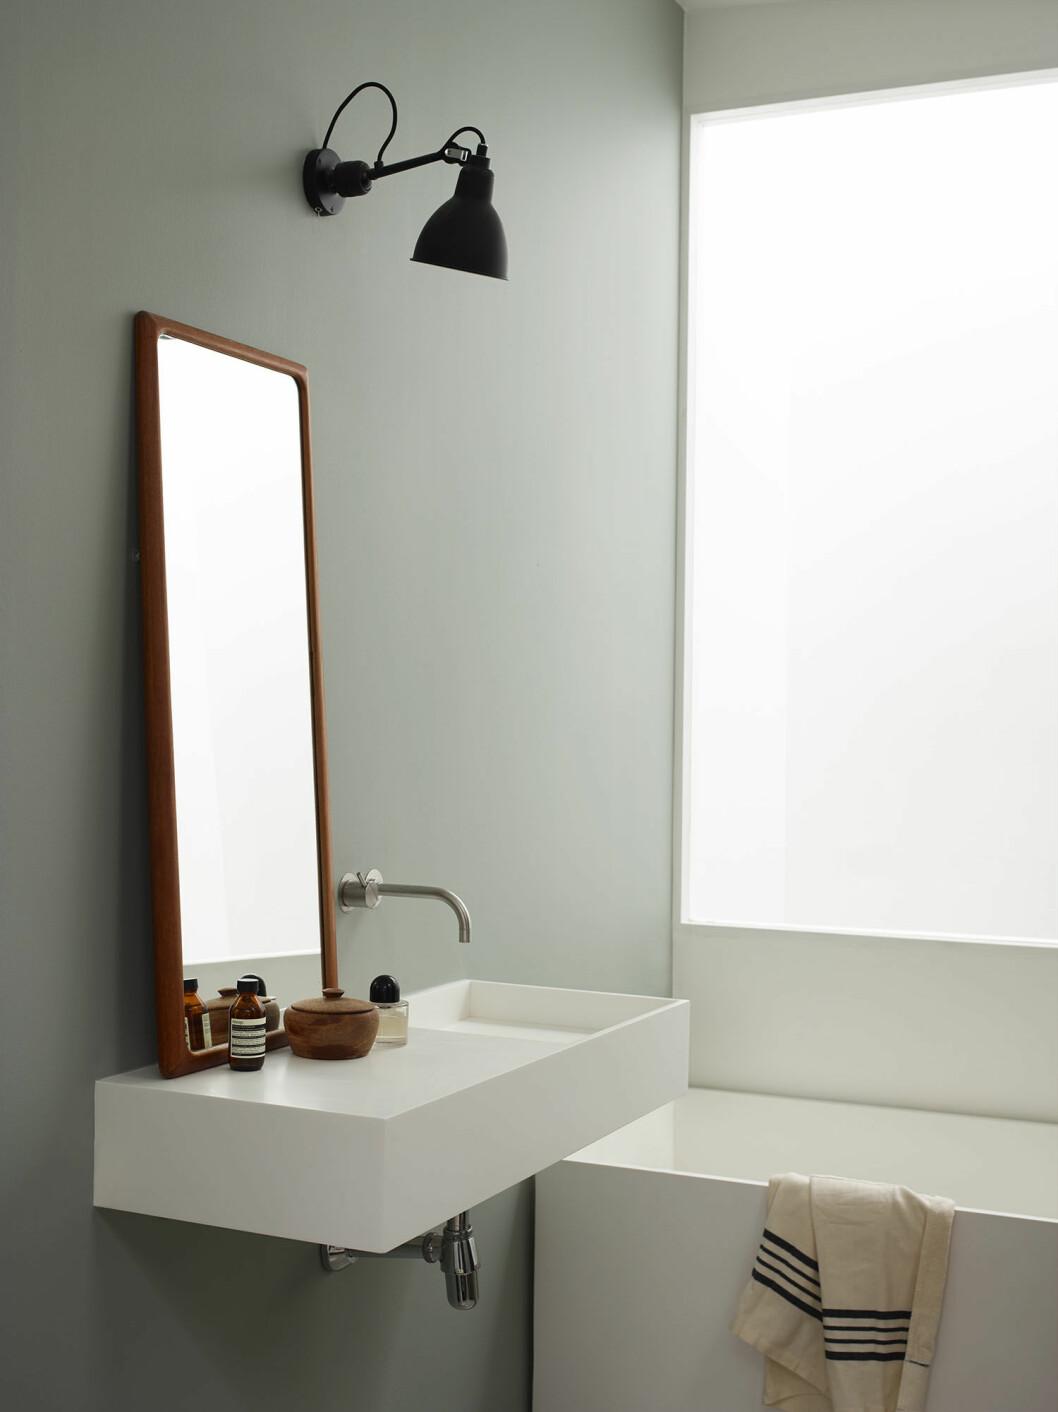 En spegel i trä adderar värme i badrummet